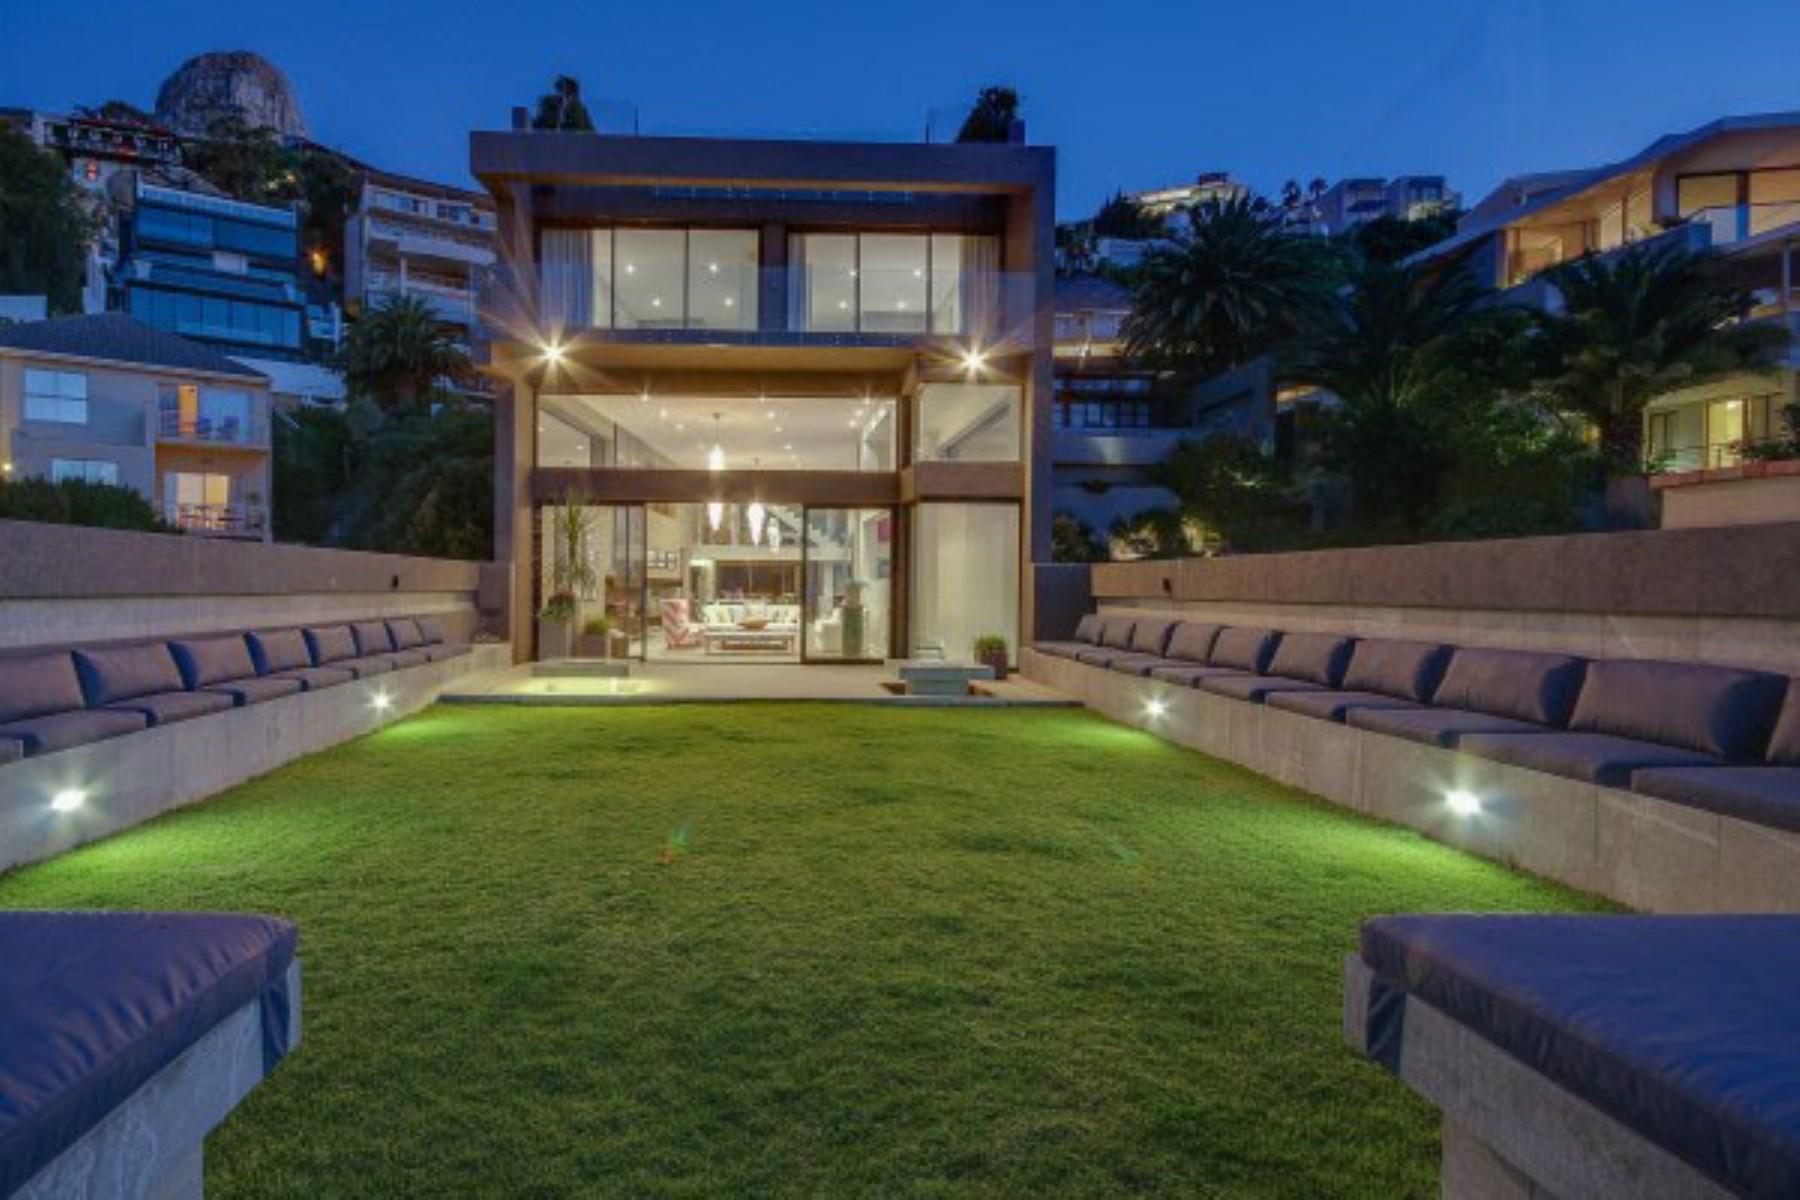 一戸建て のために 売買 アット CONTEMPORARY MODERN BANTRY BAY HOME Cape Town, 西ケープ, 8001 南アフリカ